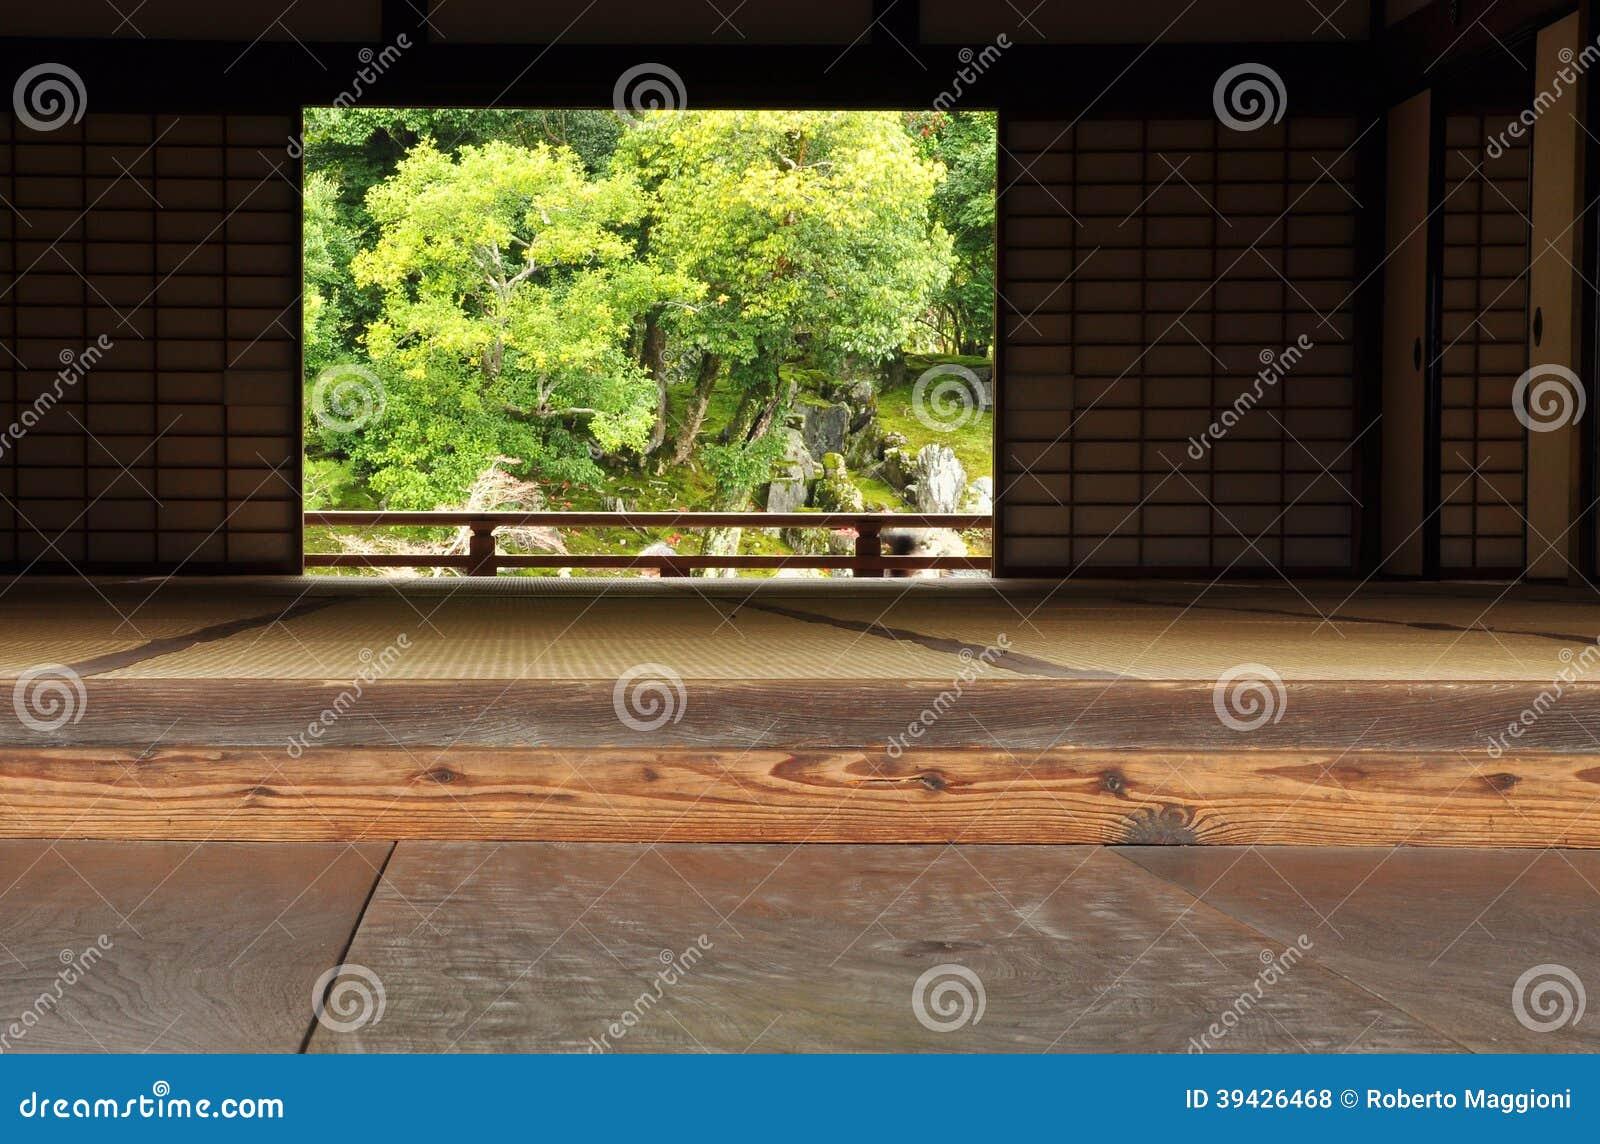 Traditionelle Japanische Architektur Und Garten Stockfoto